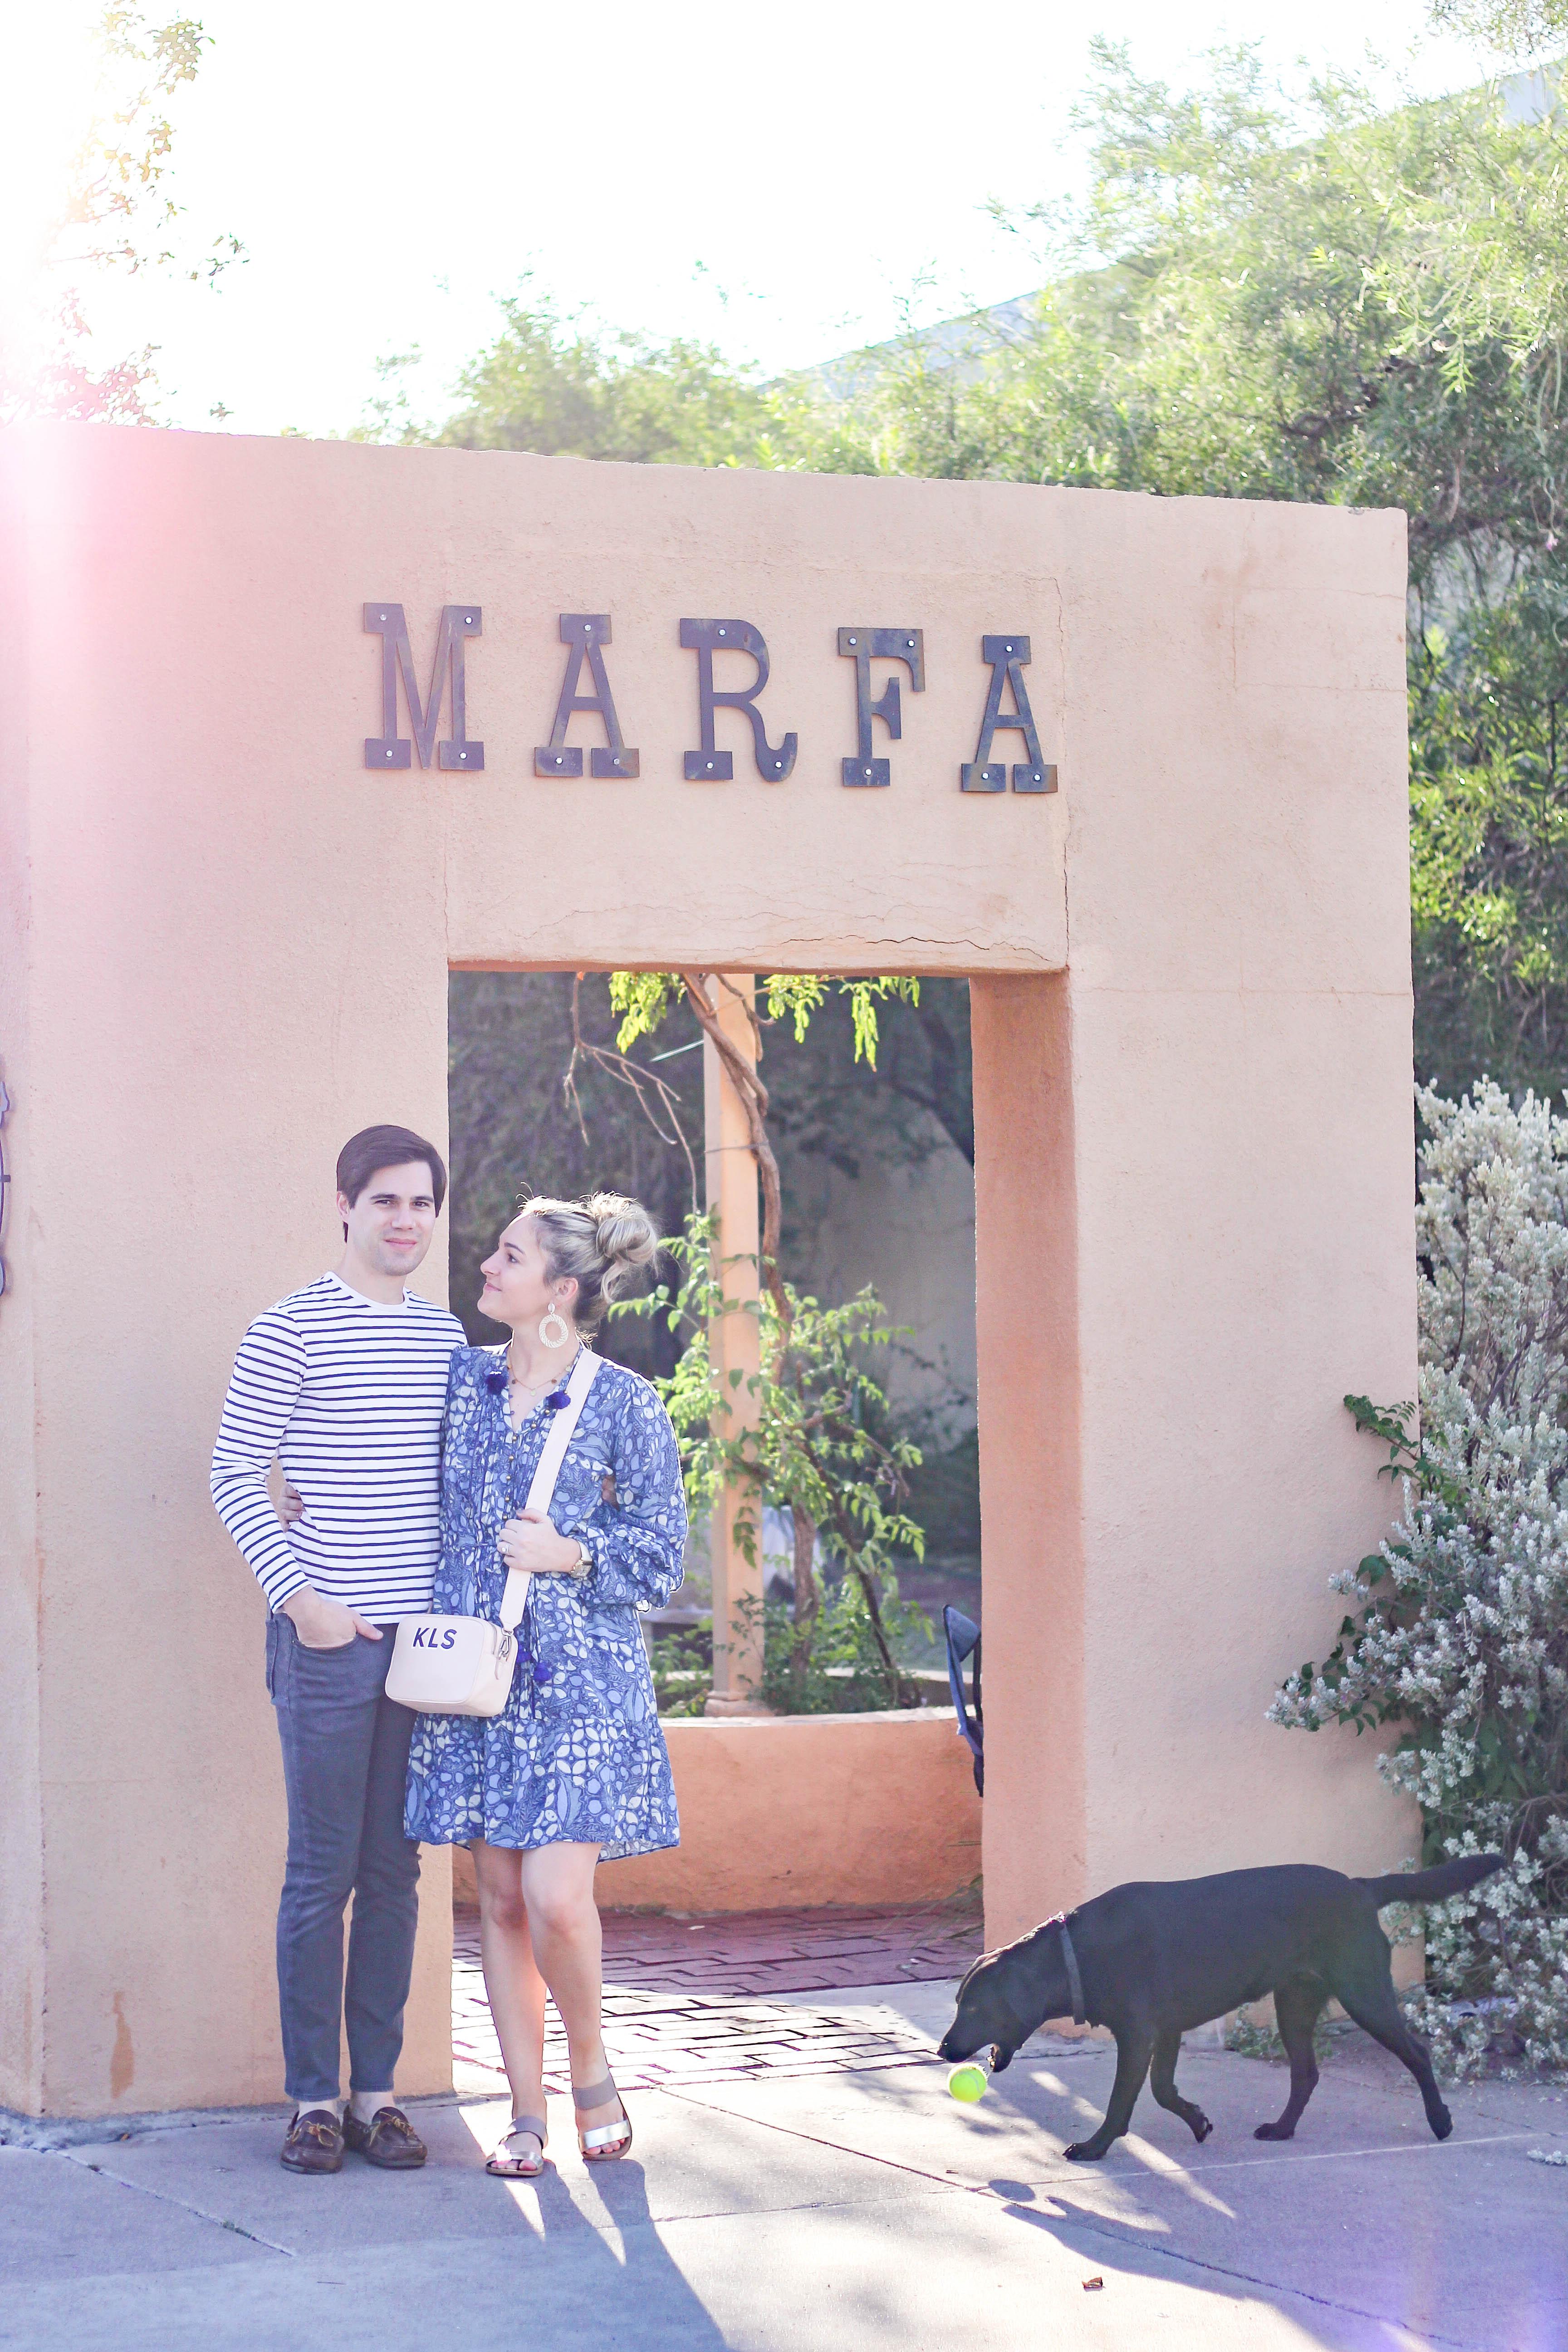 Weekend in Marfa